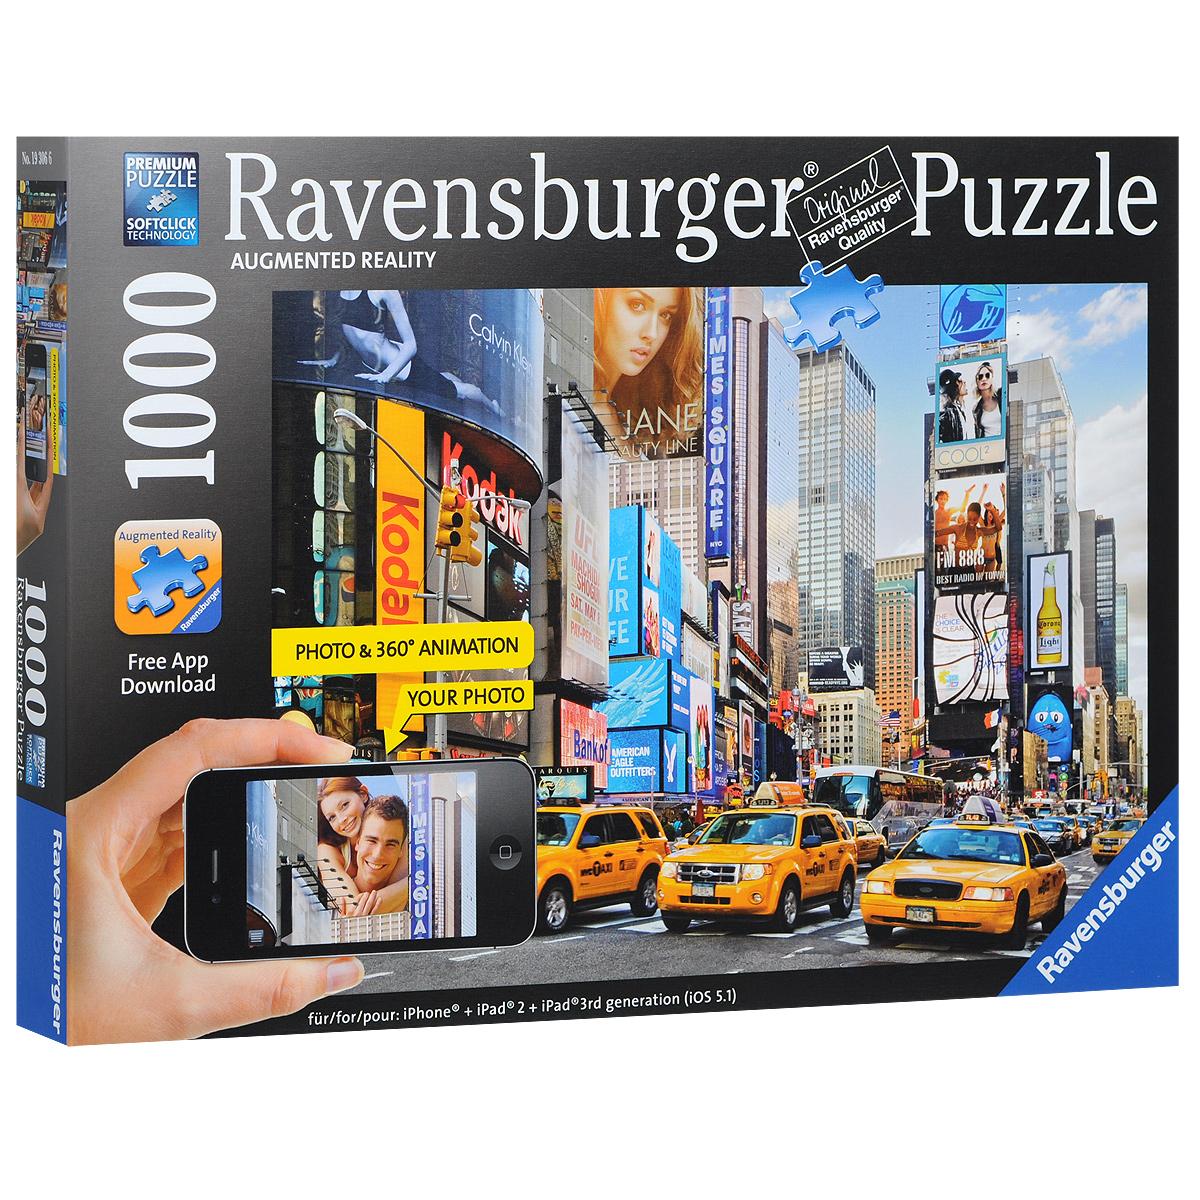 Ravensburger Утро на Таймс-сквер. Пазл с видео-анимацией, 1000 элементов193066Пазлы с видеоэффектом - это инновационная разработка от признанного лидера в производстве пазлов - немецкой компании Ravensburger. Благодаря новейшей AR-технологии картинку можно не только собрать, но и оживить! Соберите этот пазл из 1000 элементов, с изображением одной из посещаемой площади в Нью-Йорке, загрузите на ваш iPhone или iPad бесплатное приложение App AR Puzzle, наведите камеру гаджета на картинку и вы кажетесь на площади в центральной части Манхэттена. Звуковые эффекты, движущиеся предметы и функция 360°-панорамы усиливают ощущение присутствия на шумной и оживленной площади. Поворачивайтесь со своим гаджетом в руках вокруг себя, и картинка будет передвигаться вместе с вами. Пазл - великолепная игра для семейного досуга. Сегодня собирание пазлов стало особенно популярным, главным образом, благодаря своей многообразной тематике, способной удовлетворить самый взыскательный вкус. А для детей это не только интересно, но и полезно. Собирание пазла развивает мелкую...